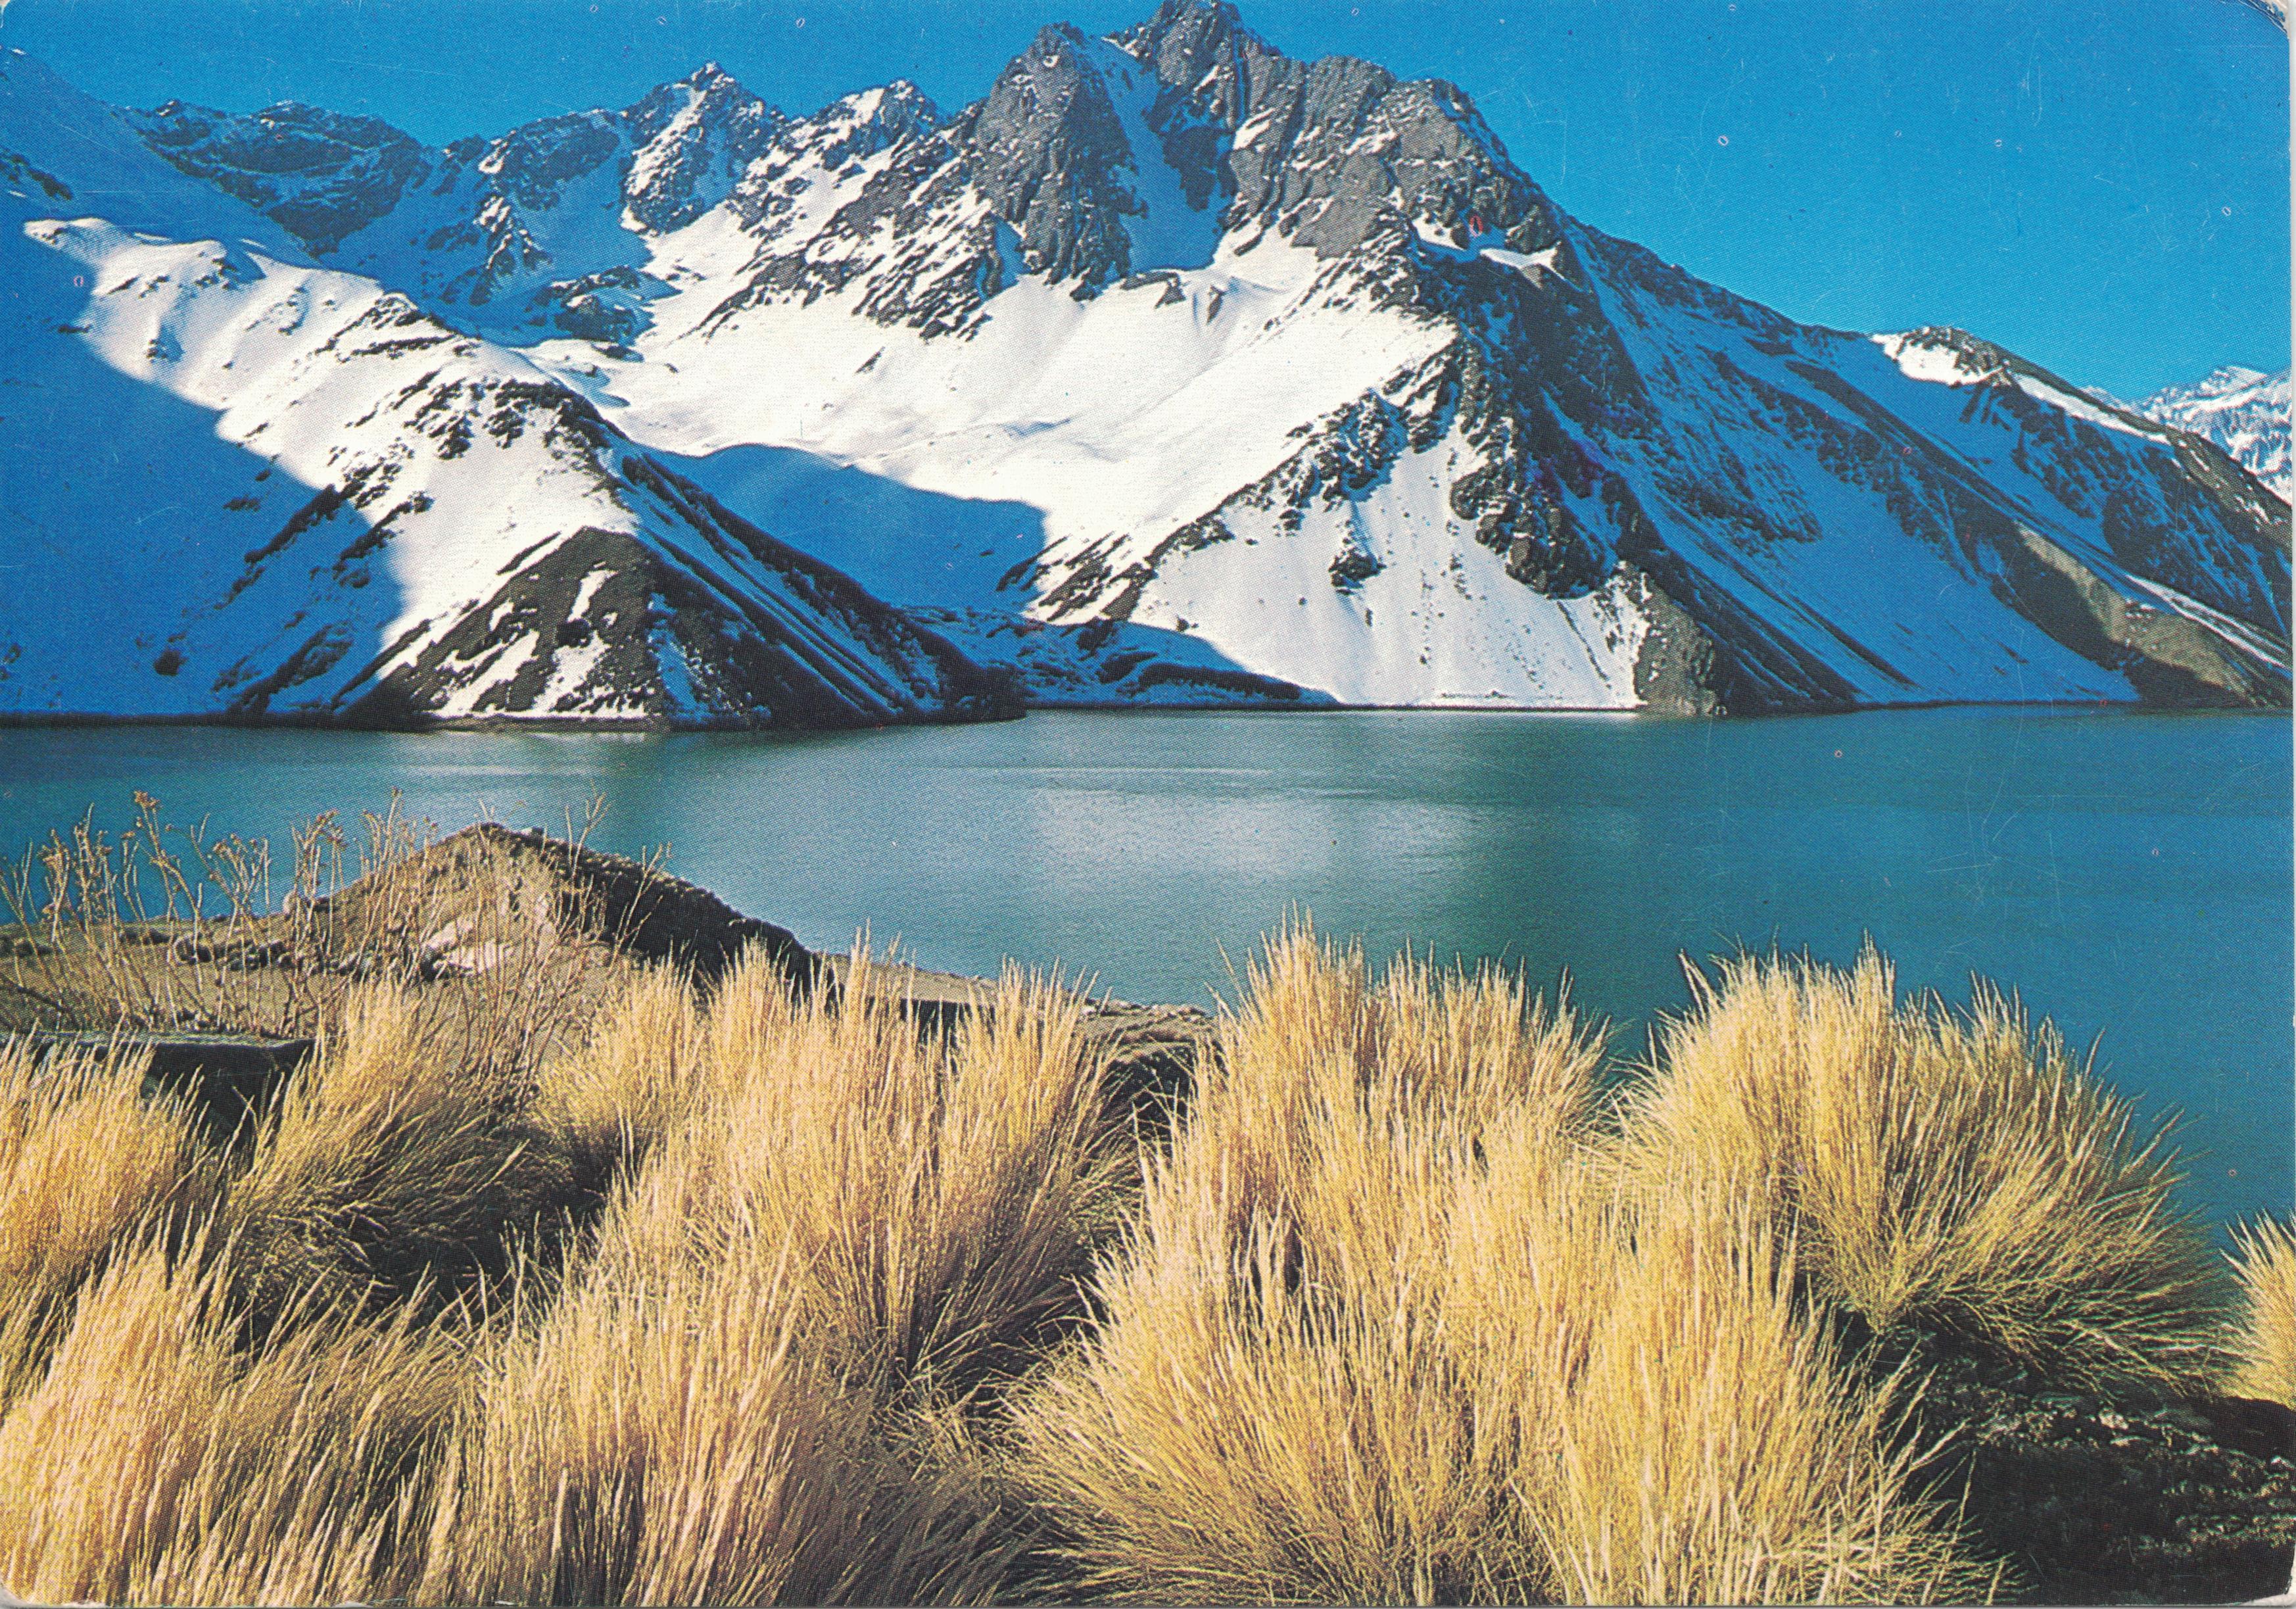 Enterreno - Fotos históricas de chile - fotos antiguas de Chile - Embalse El Yeso en 1983